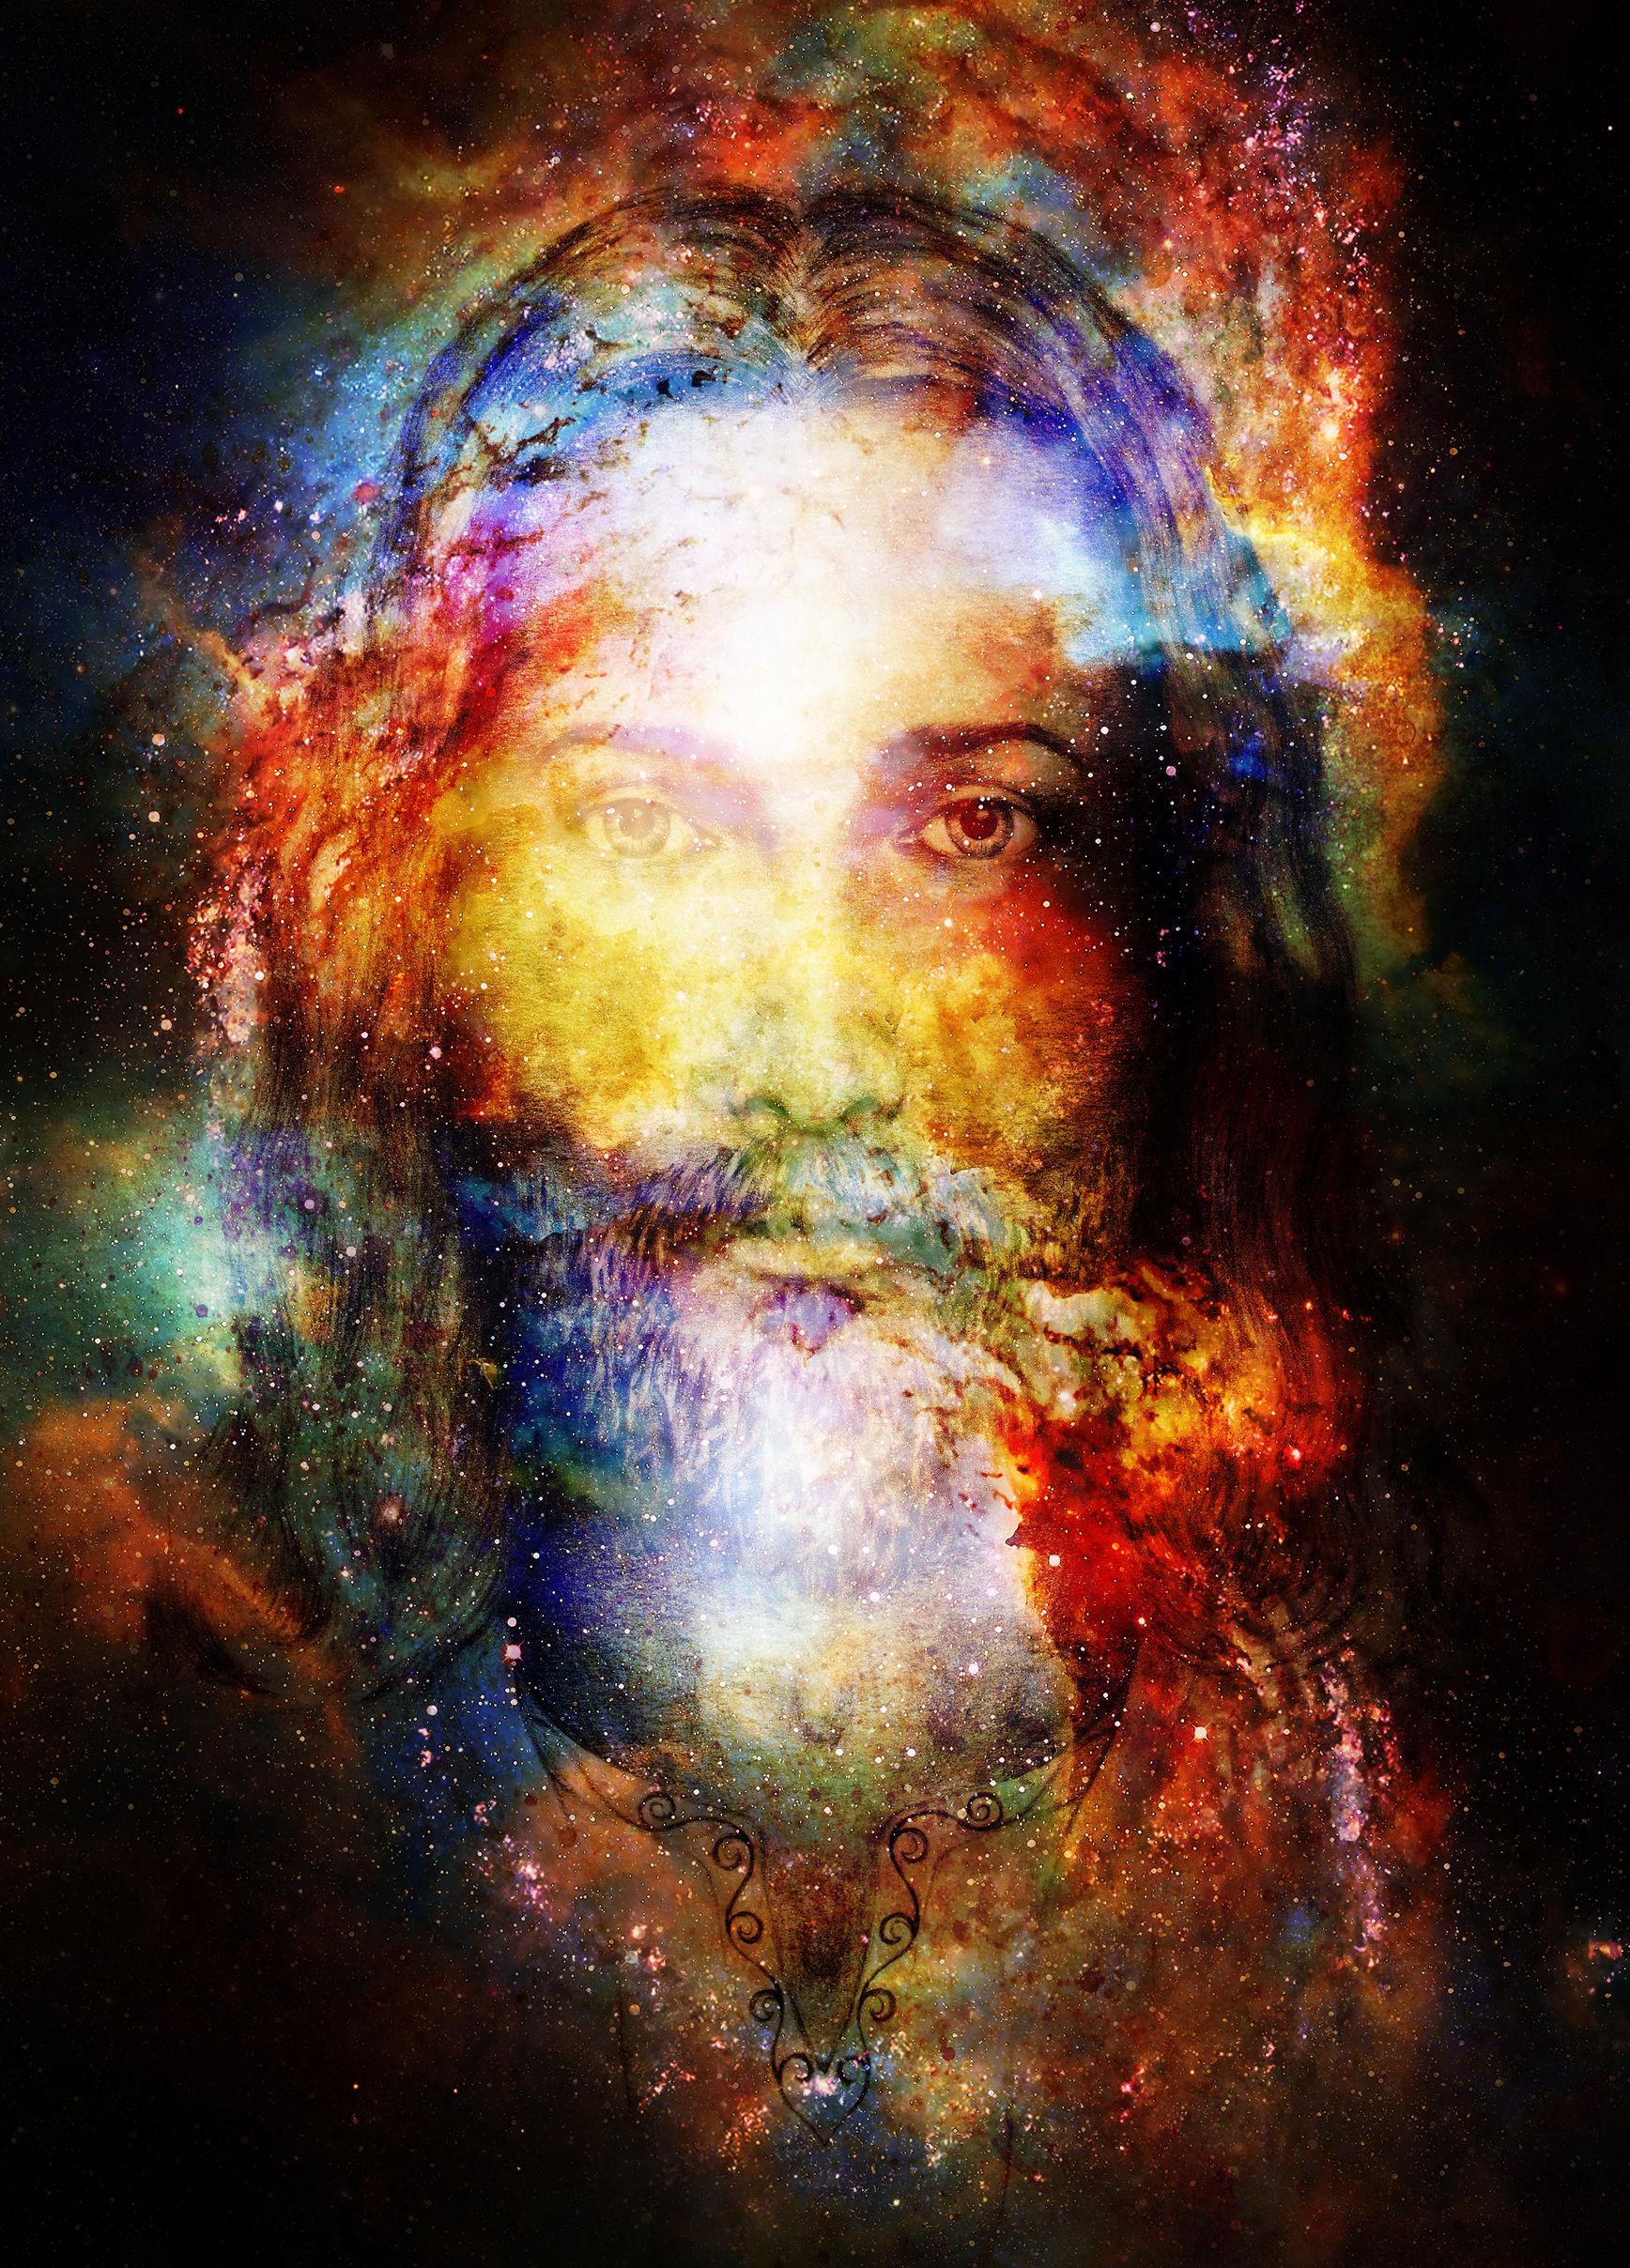 Jesus Christus - Colorful Mystic